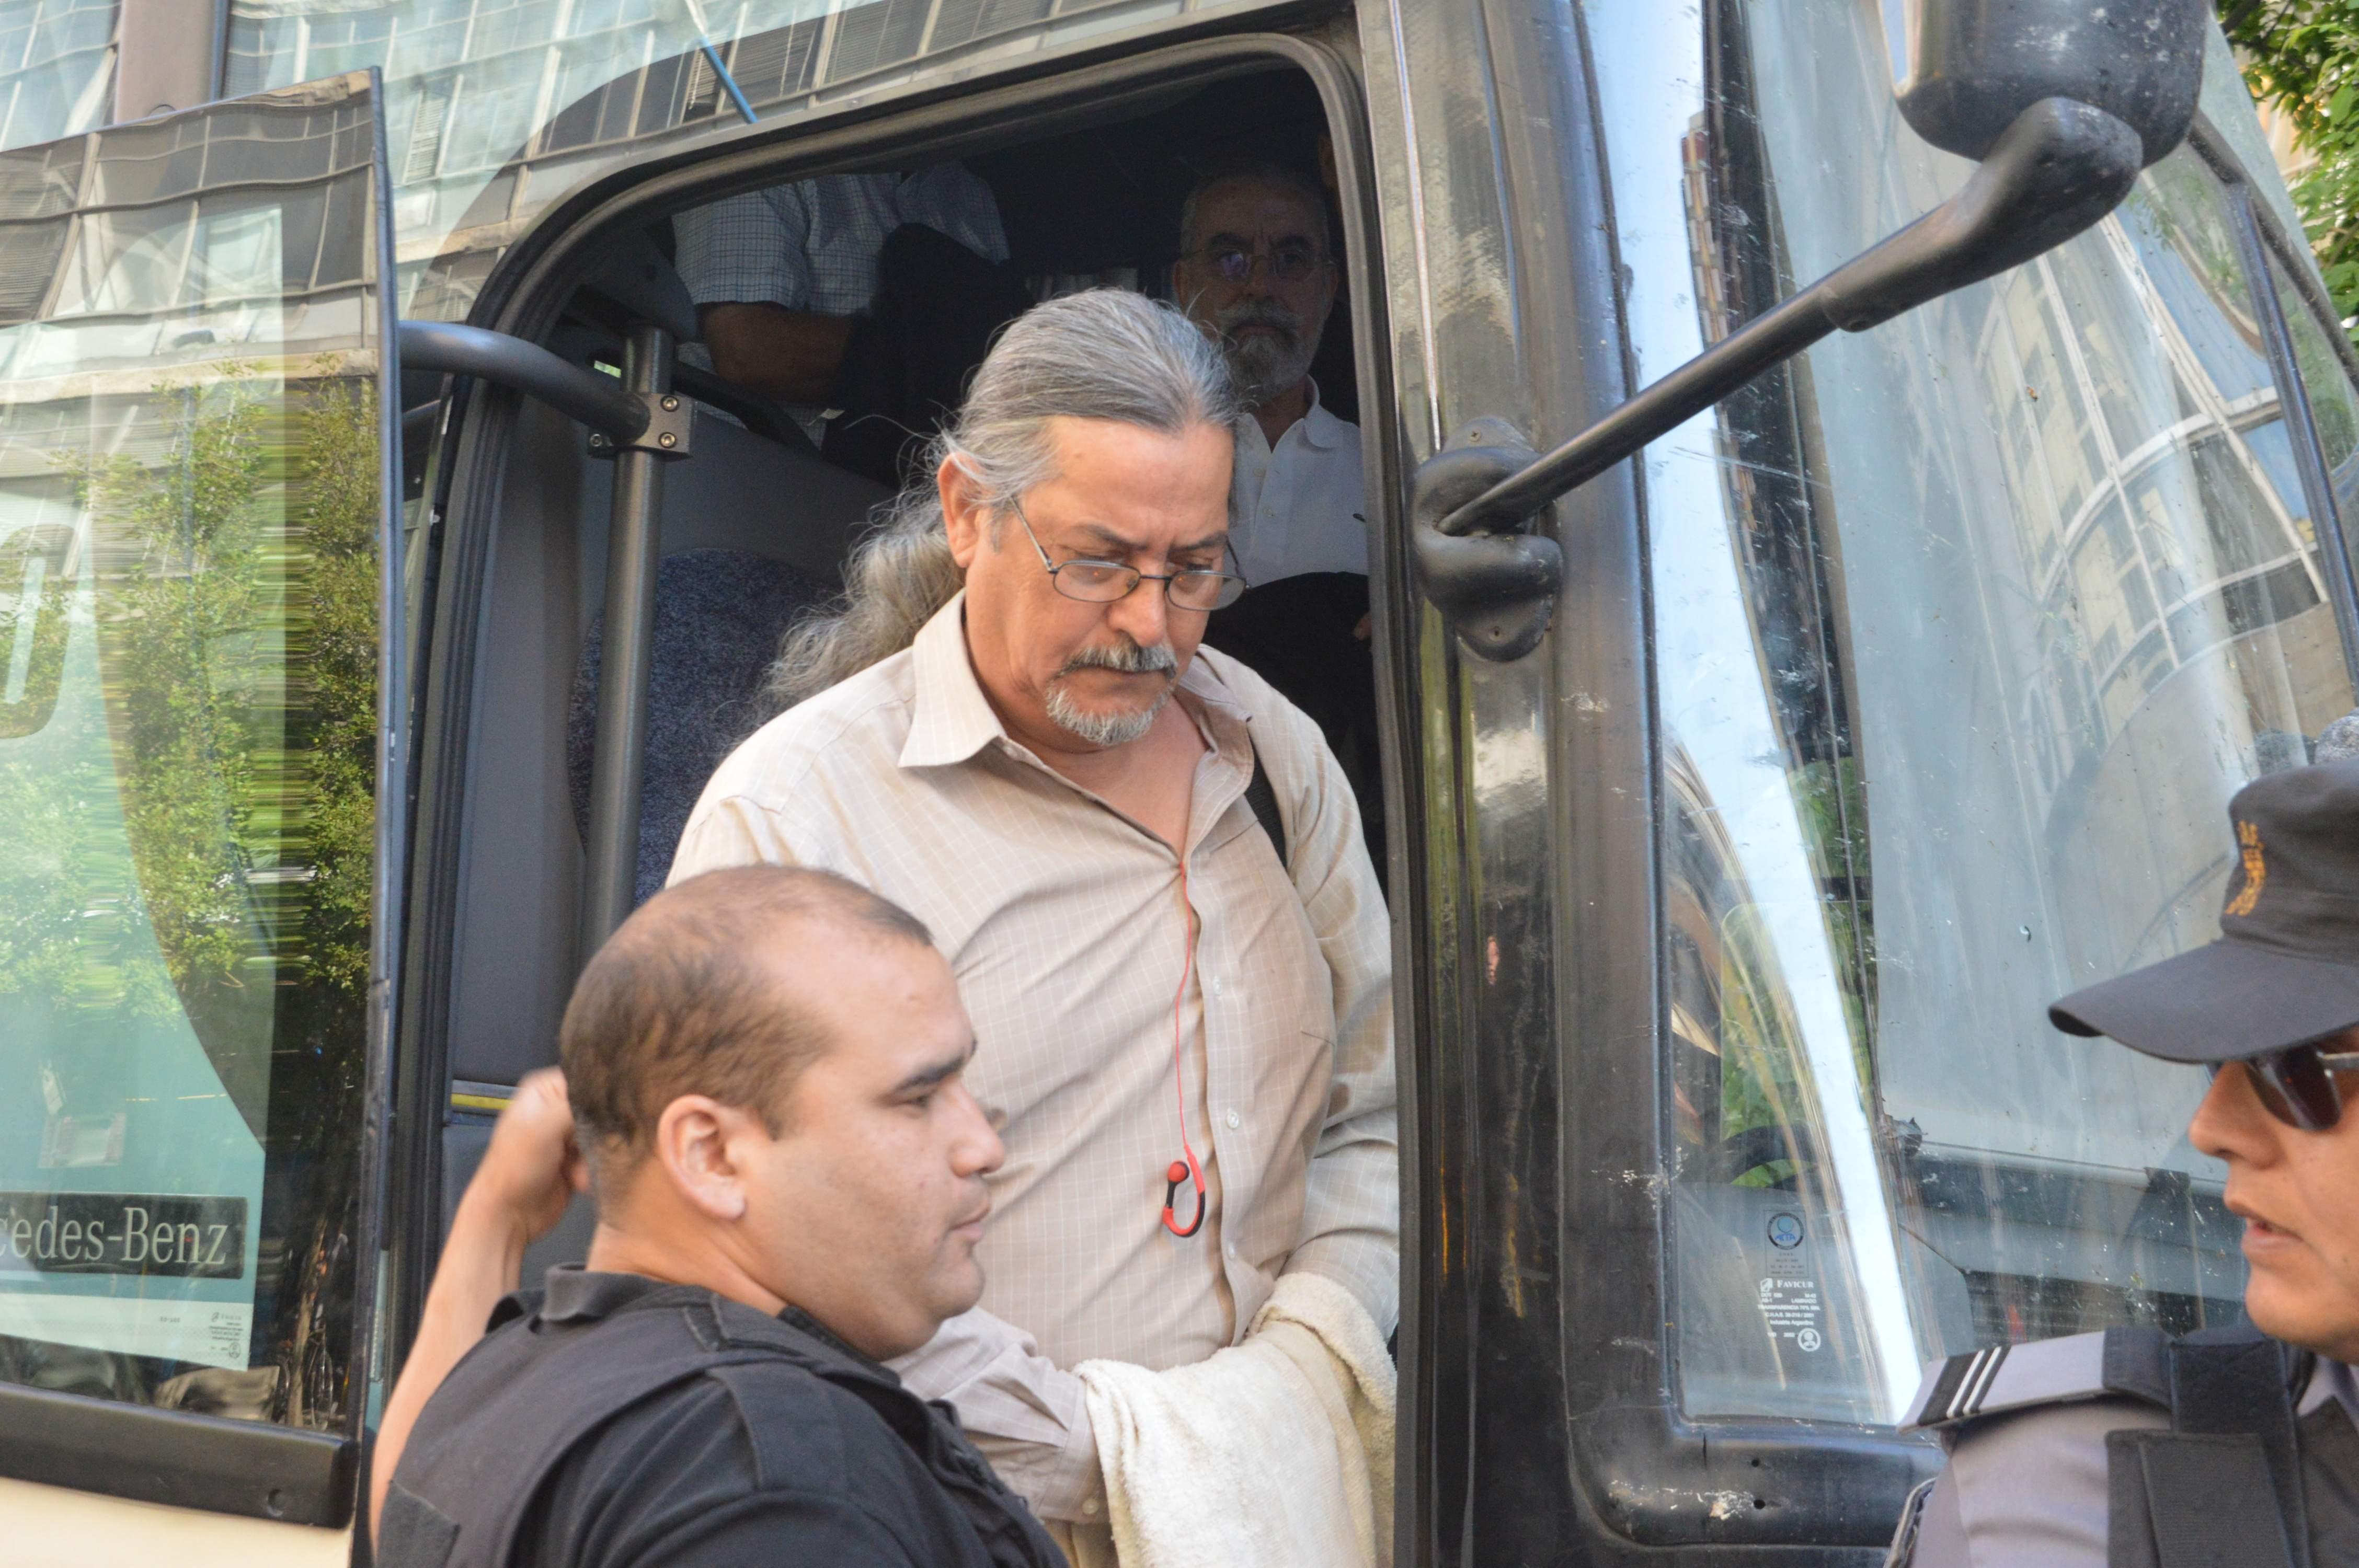 Diciembre de 2016. Fernando Otero llega esposado a la sala del Tribunal Oral Federal para presenciar la lectura del veredicto tras un juicio histórico.